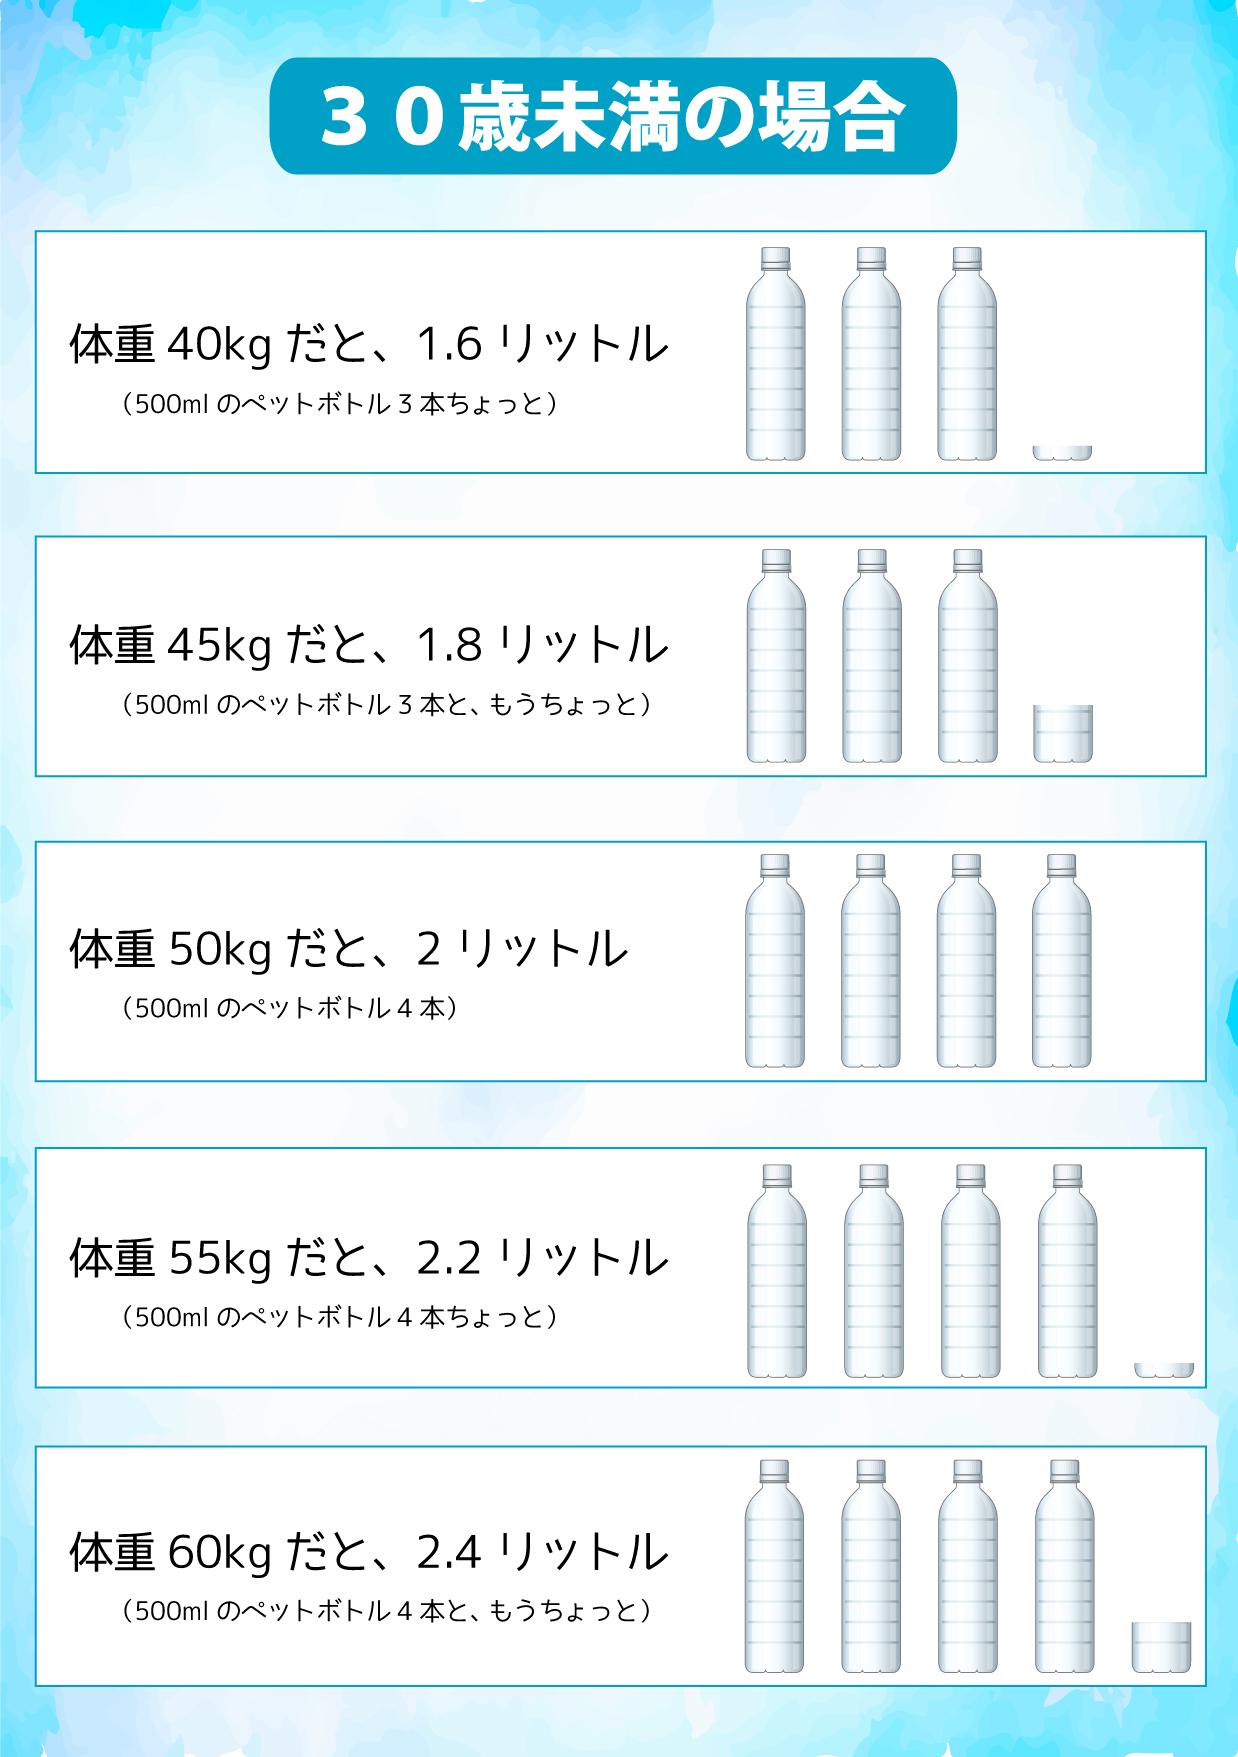 一日に必要な水分量(30歳未満)